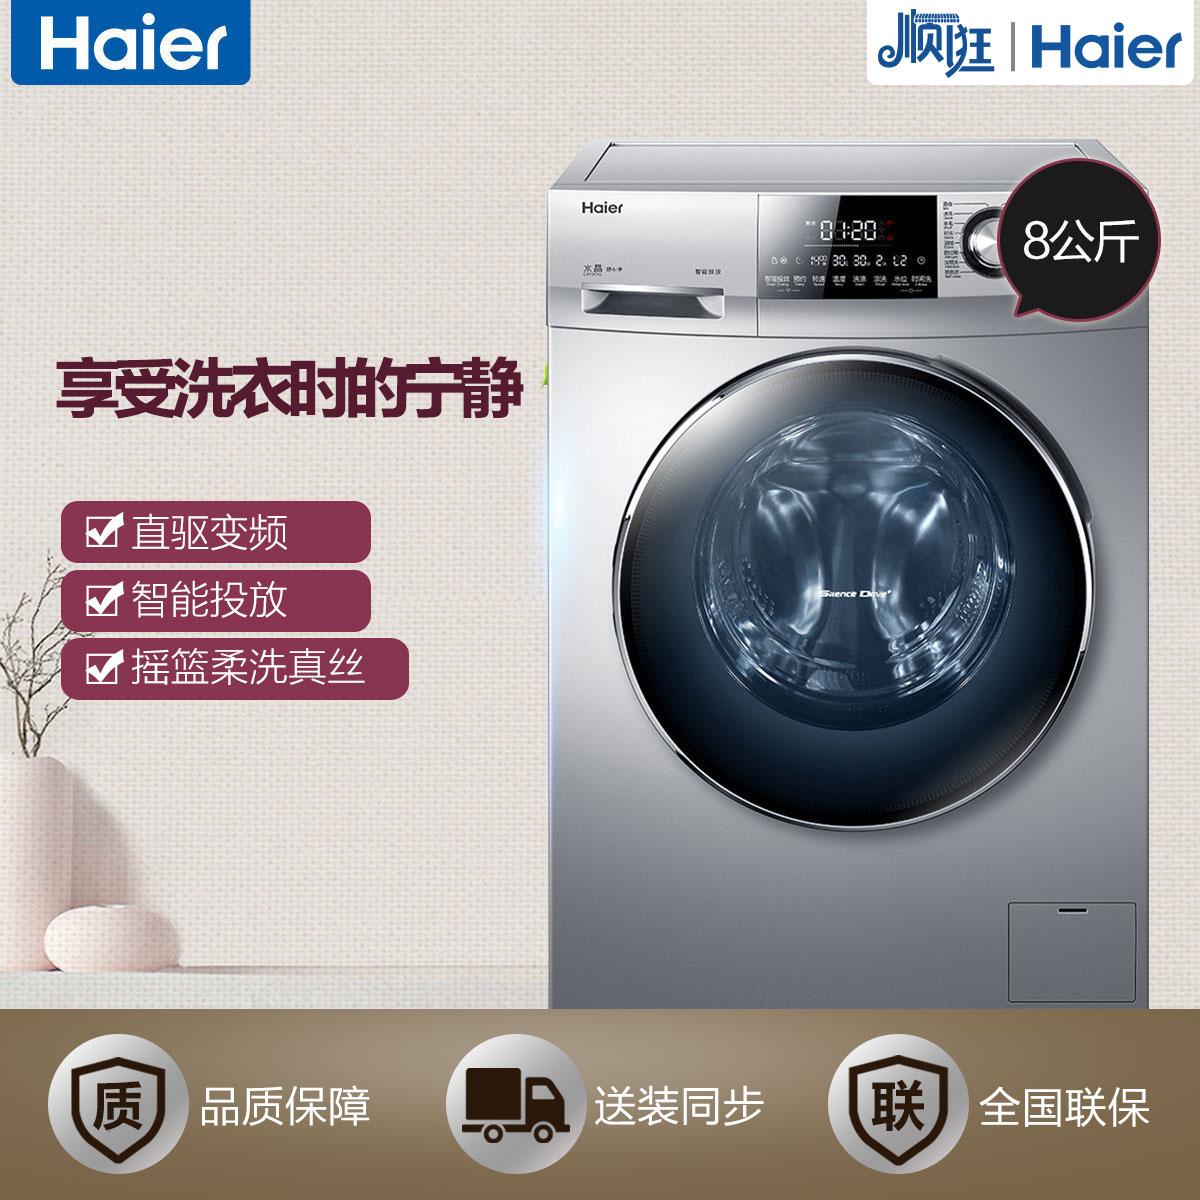 智能投放 洗护新态度 洁净不伤衣 斐雪派克直驱电机 EG8014BDX59STU1 8公斤直驱变频滚筒洗衣机